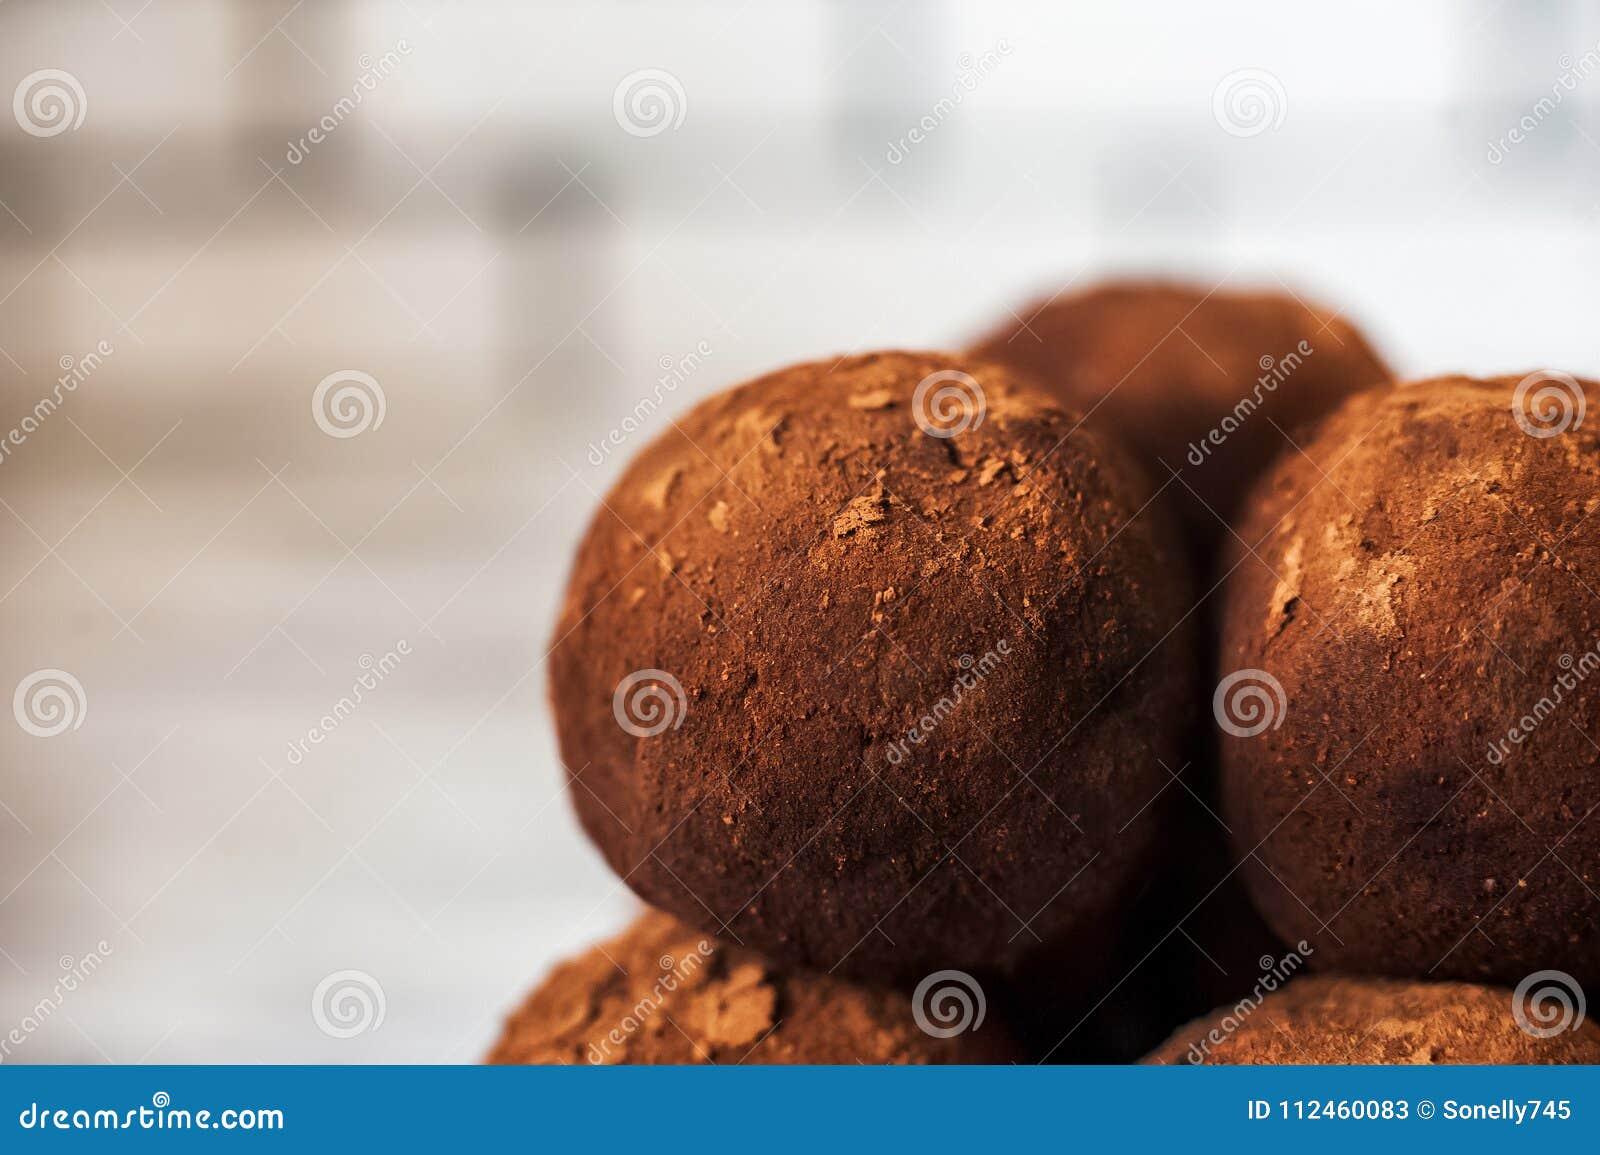 Schöne runde Pralinenahaufnahme Ein runder Schokoladenkuchen sieht wie ein Planet aus Geschmackvoll, gesund, Lebensmittel